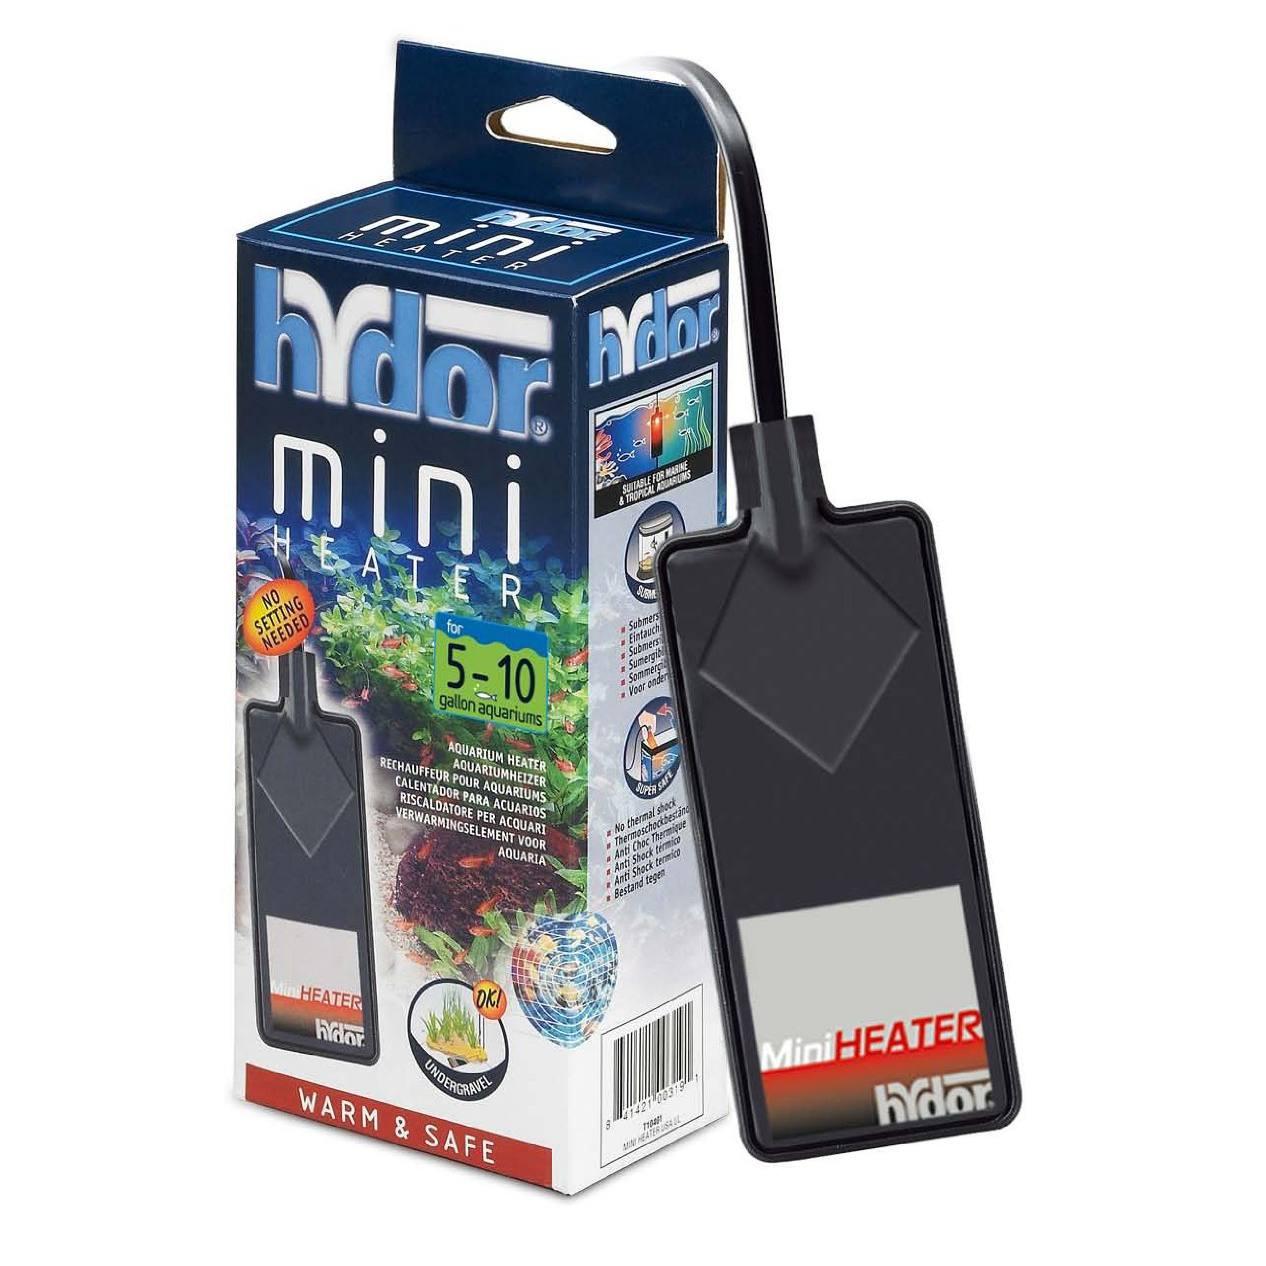 Hydor Mini Heater